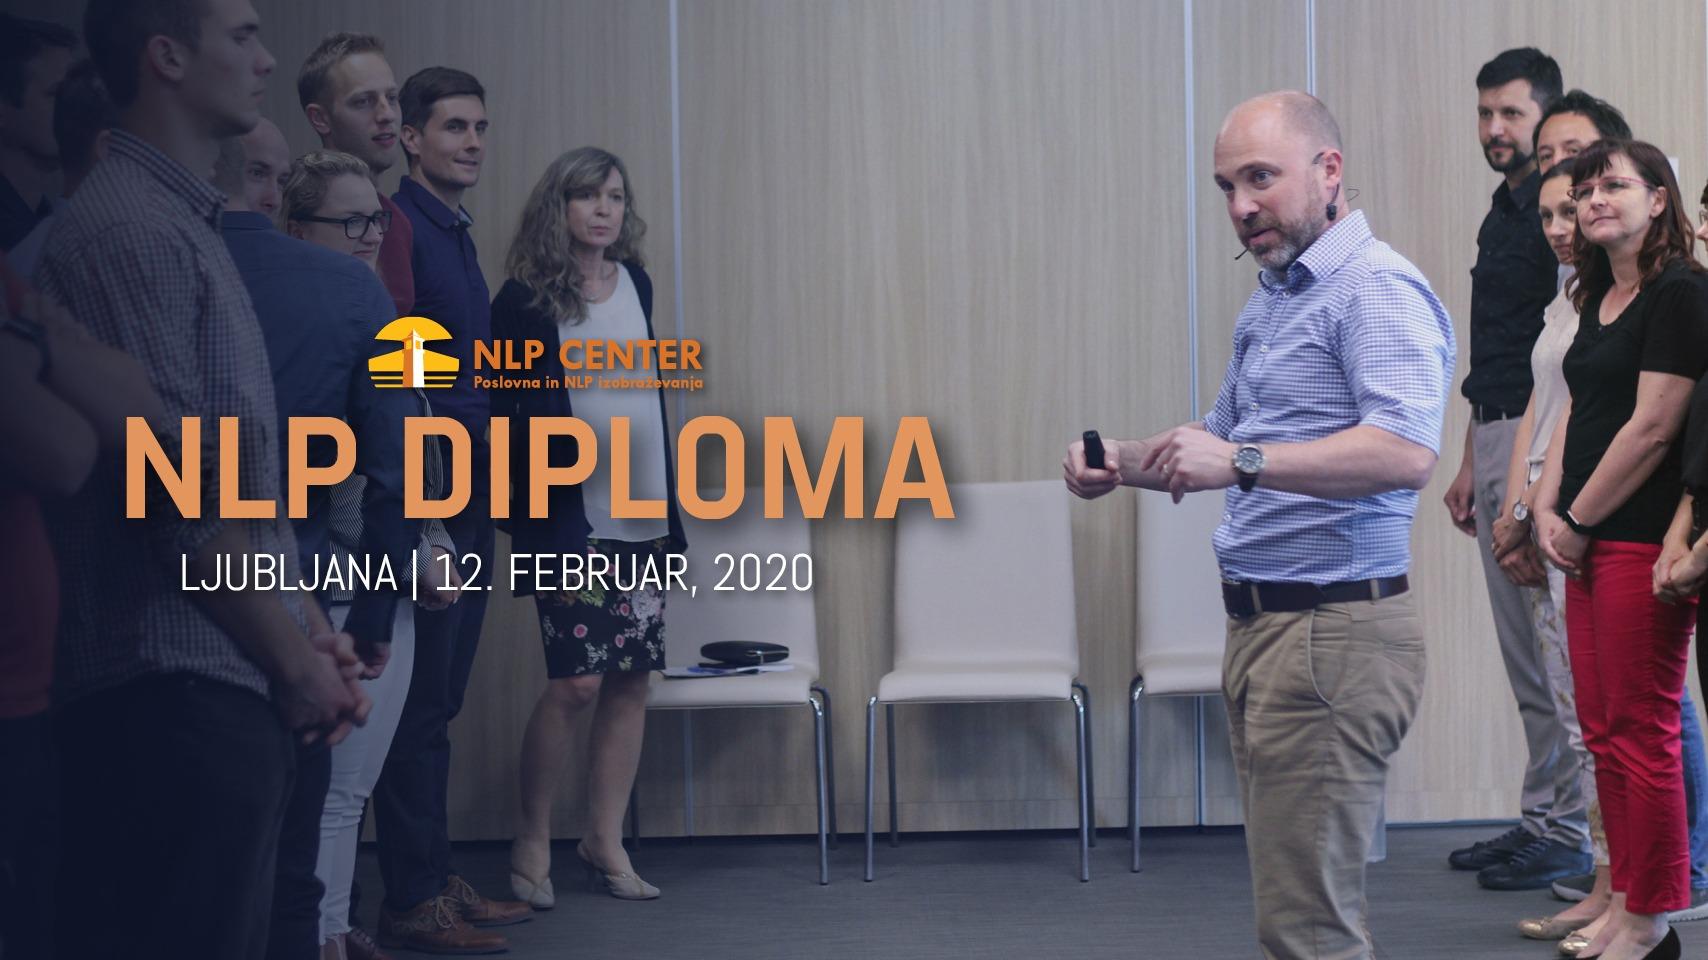 NLP Diploma - Ljubljana